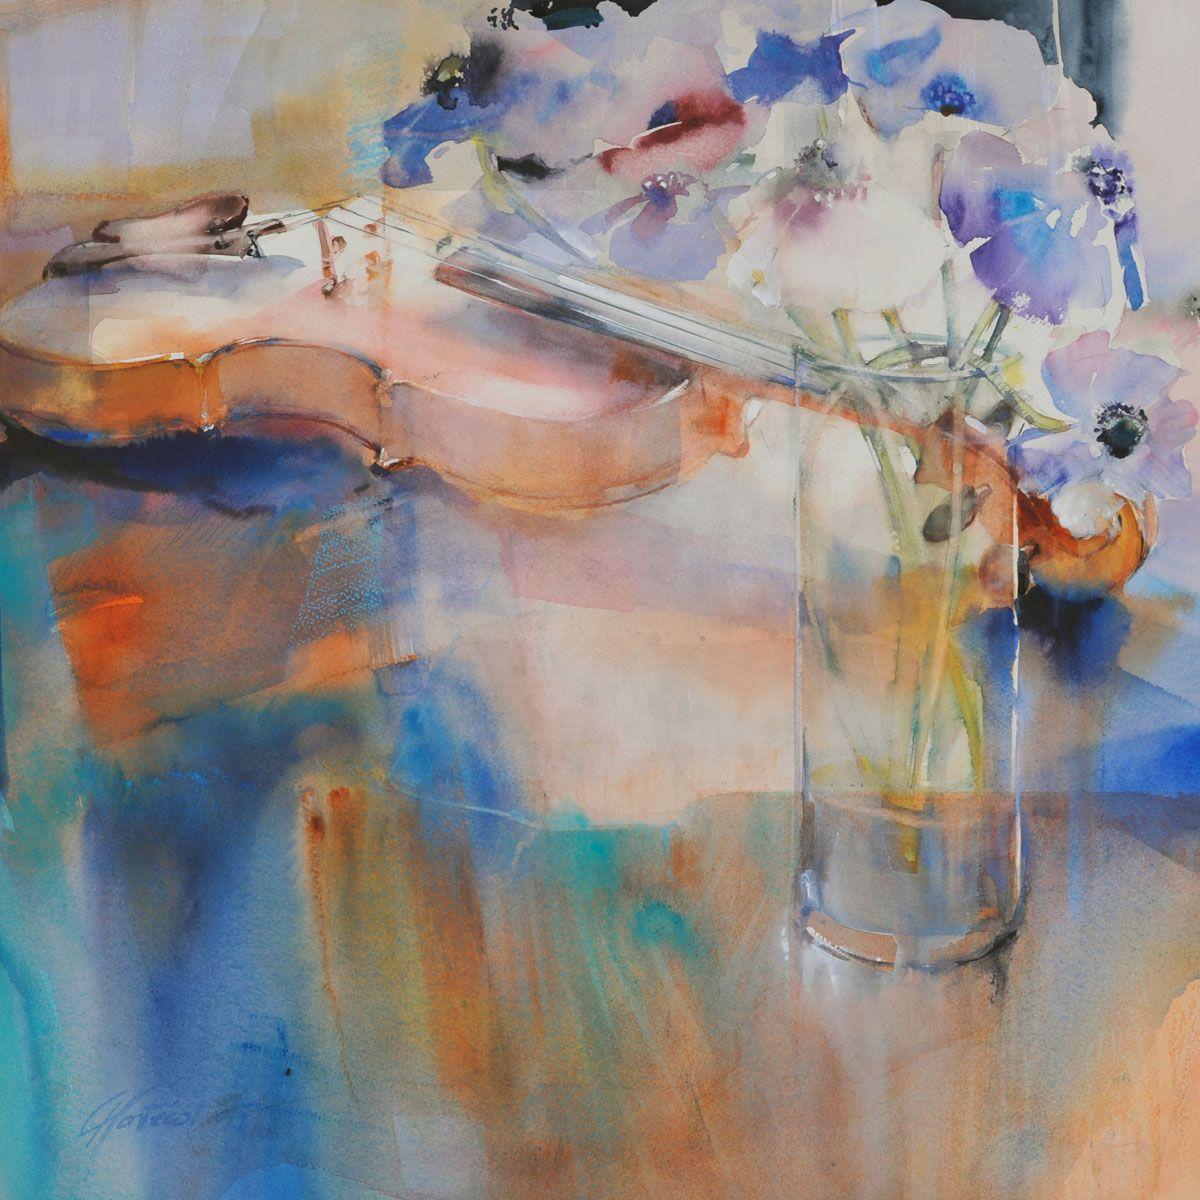 L Echappee Bleue Aquarelle Abstraite Comment Peindre Aquarelle